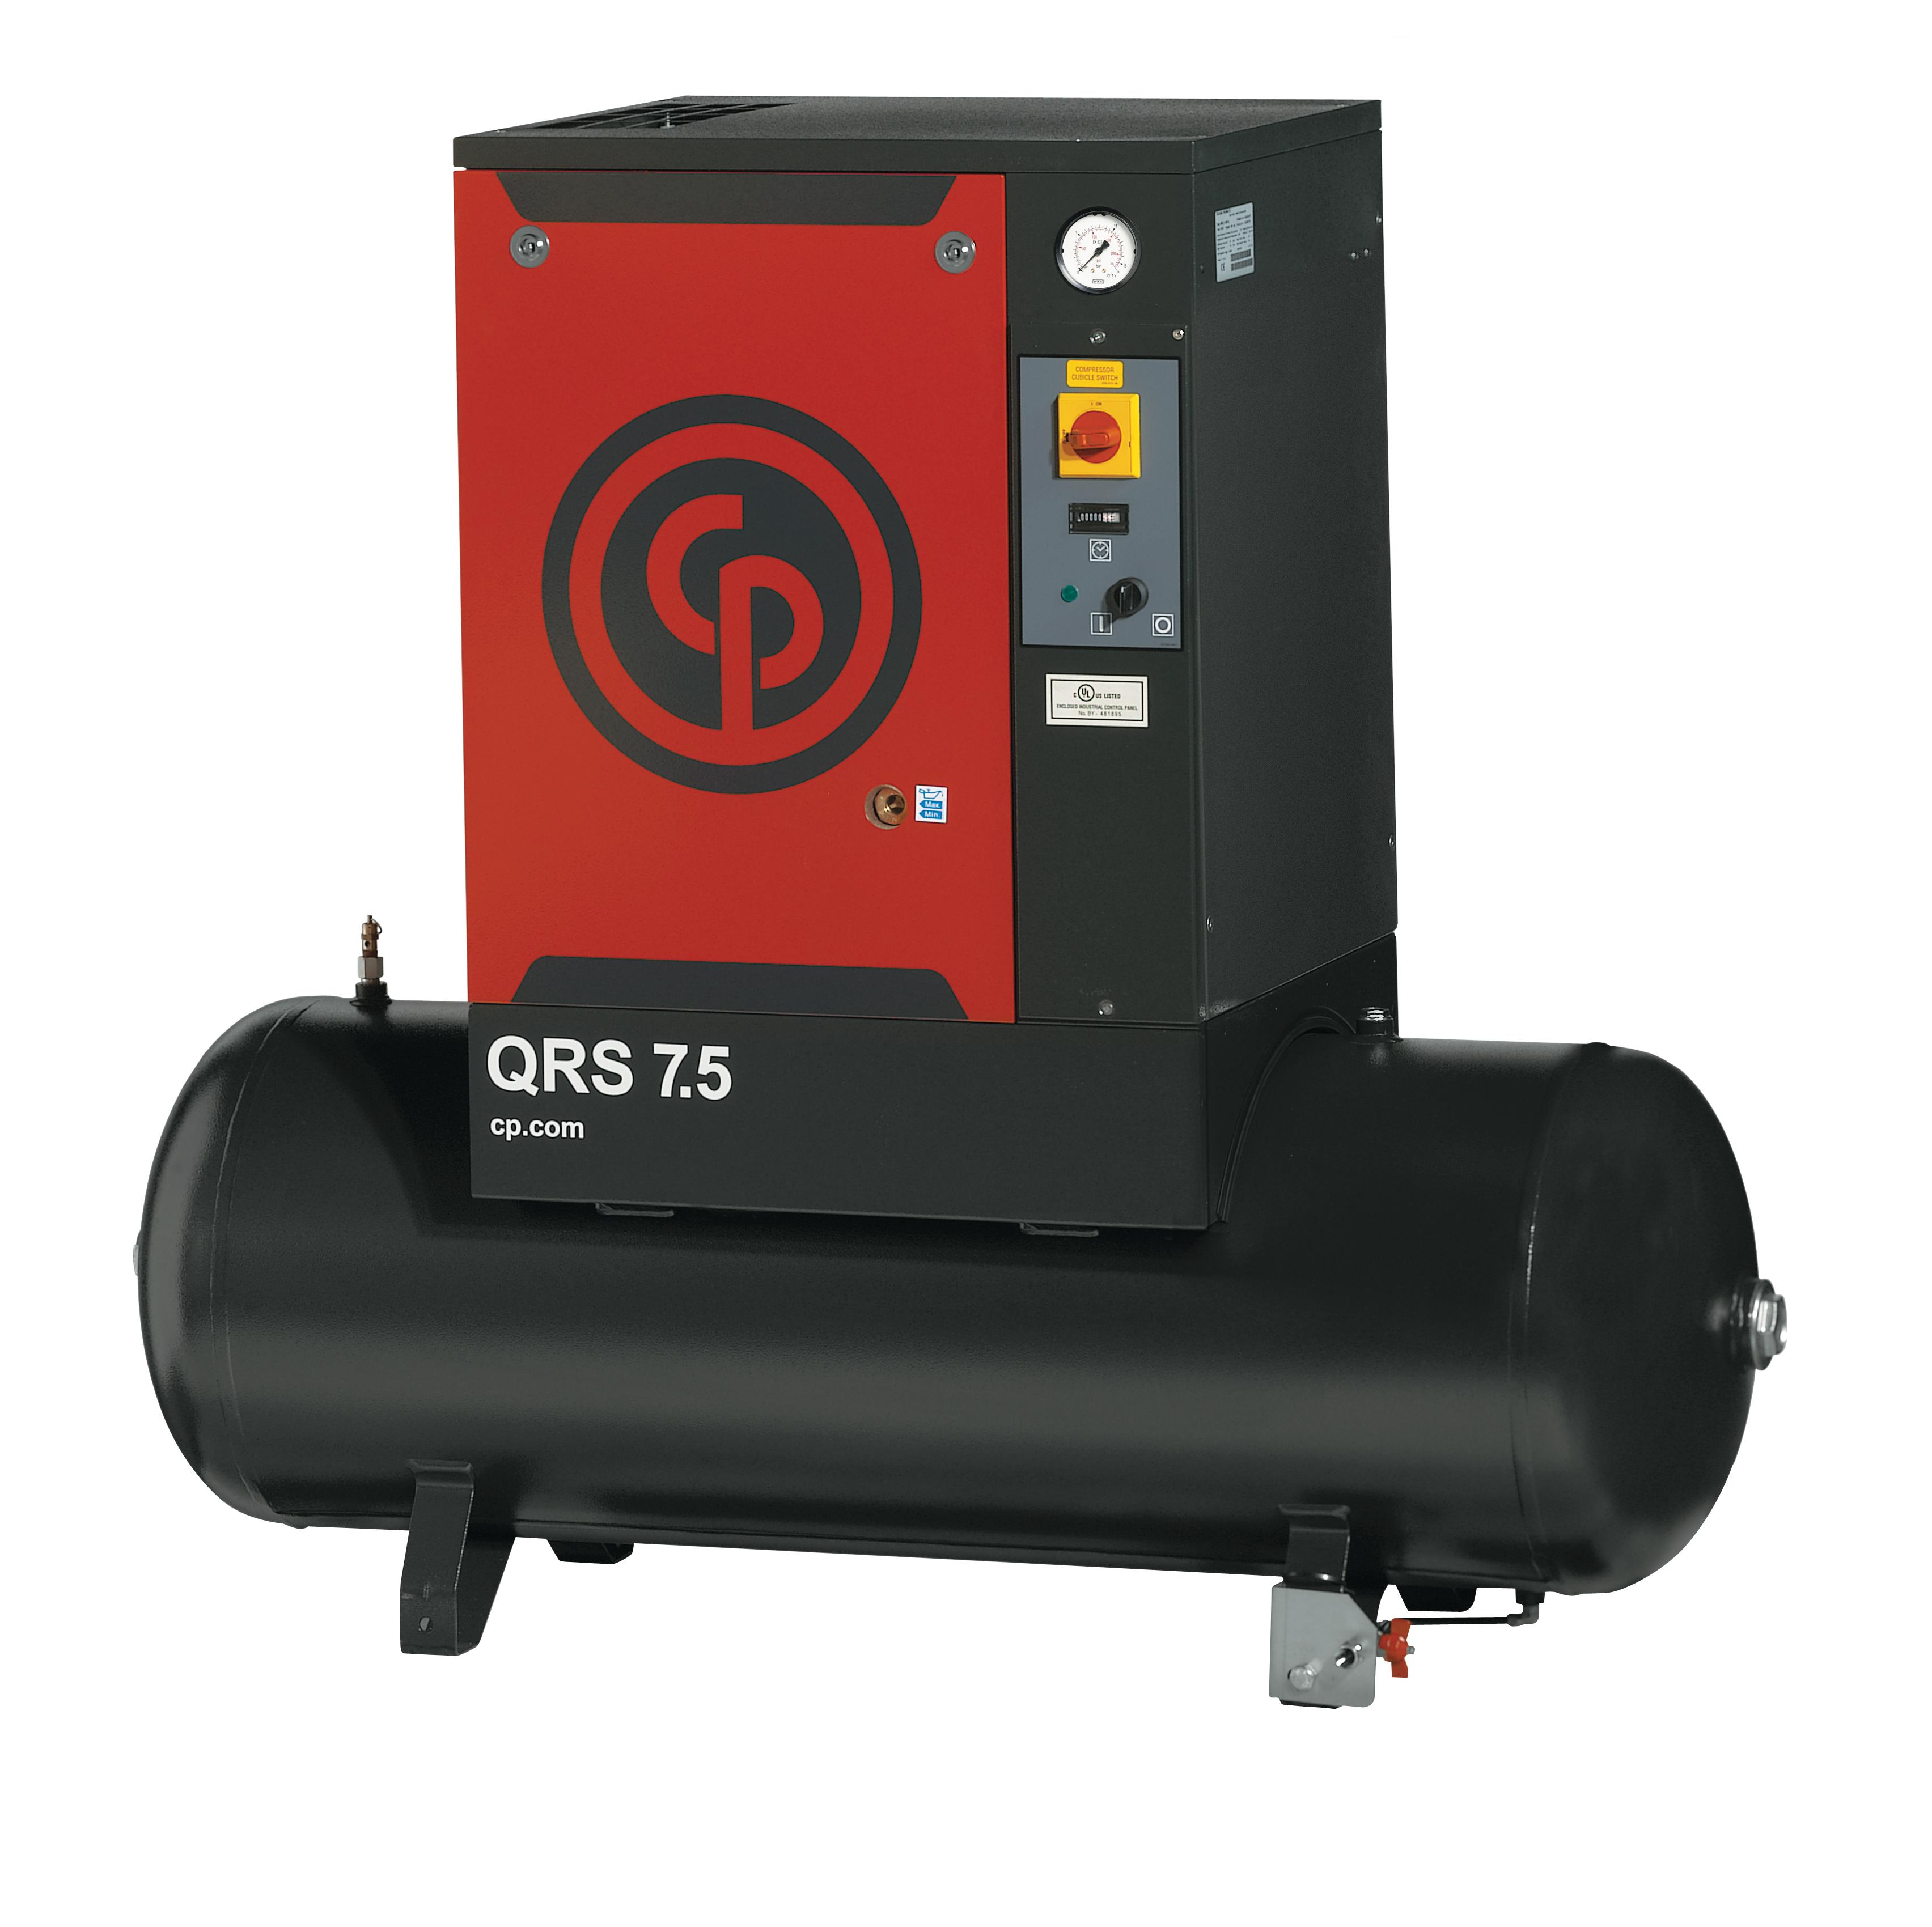 Rotary Screw Compressor : Chicago pneumatic quiet rotary screw compressors to